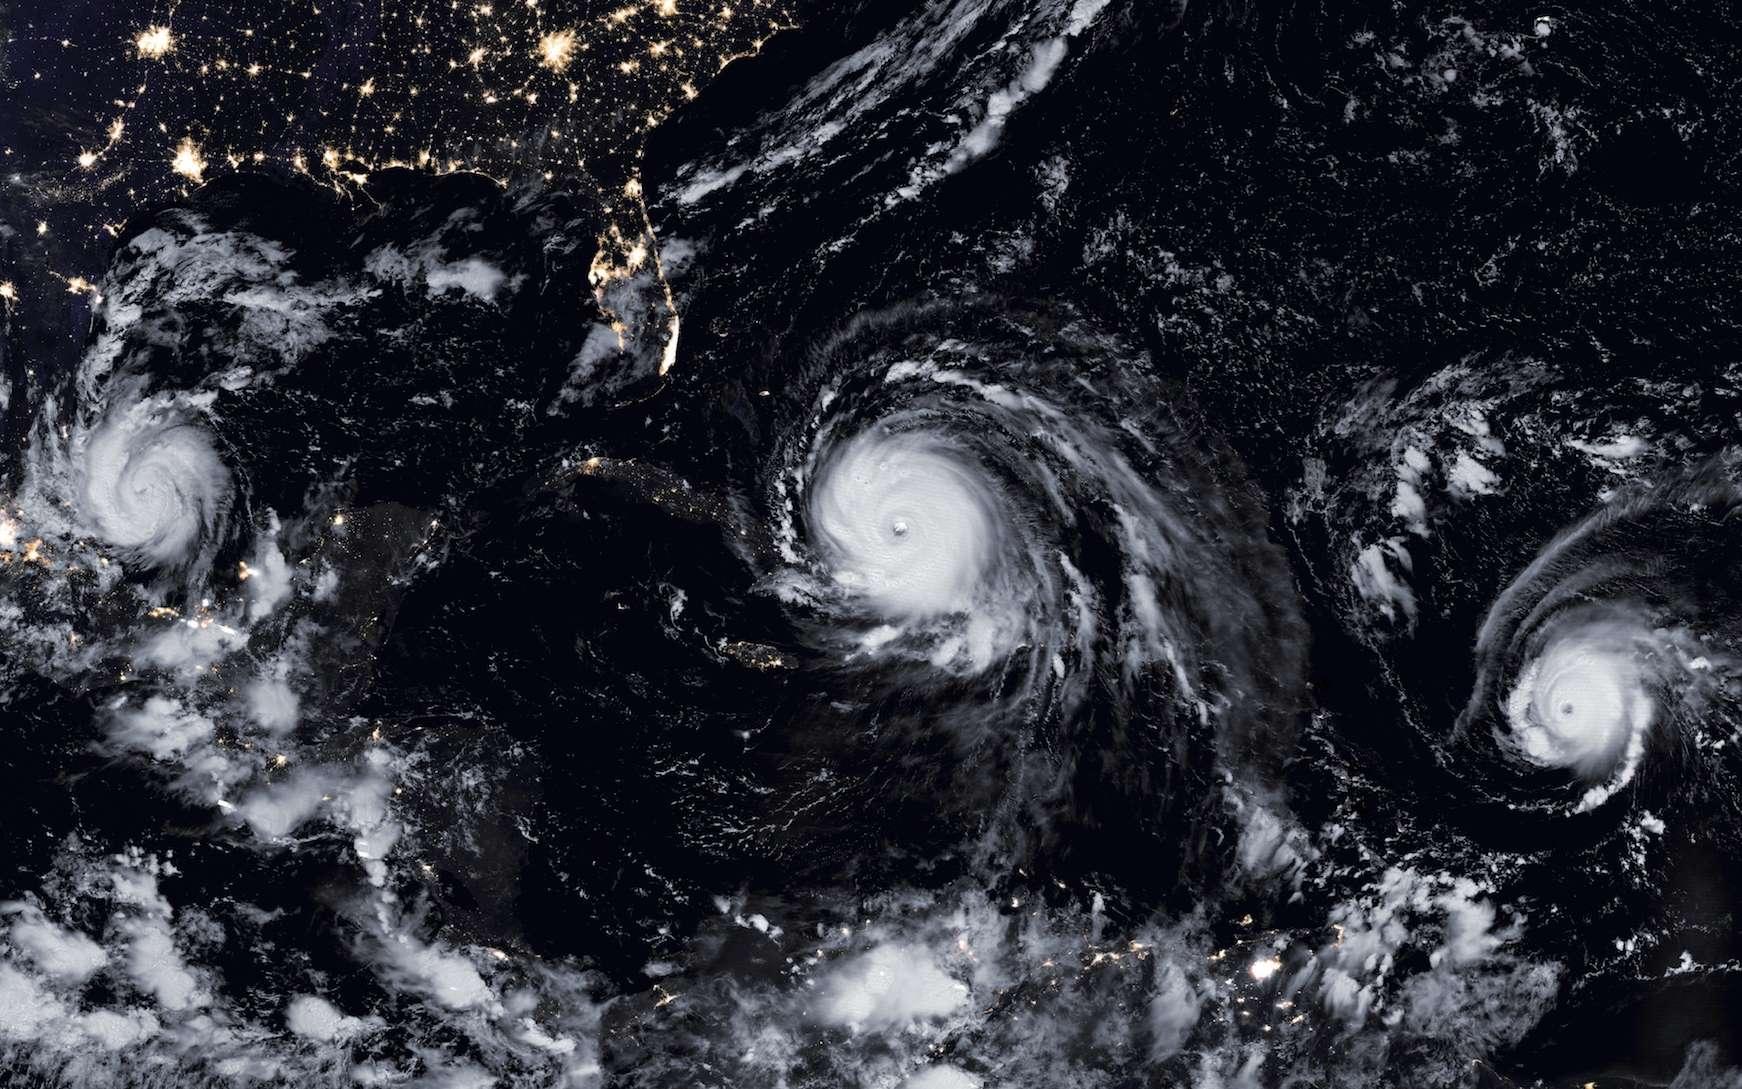 Trois ouragans au-dessus de l'Atlantique, le 8 septembre 2017 : Katia, dans le golfe du Mexique, Irma et José. Irma, qui a dévasté de nombreuses îles des Caraïbes, est l'un des plus puissants, si ce n'est le plus puissant, des ouragans jamais enregistrés. © Nasa Earth Observatory